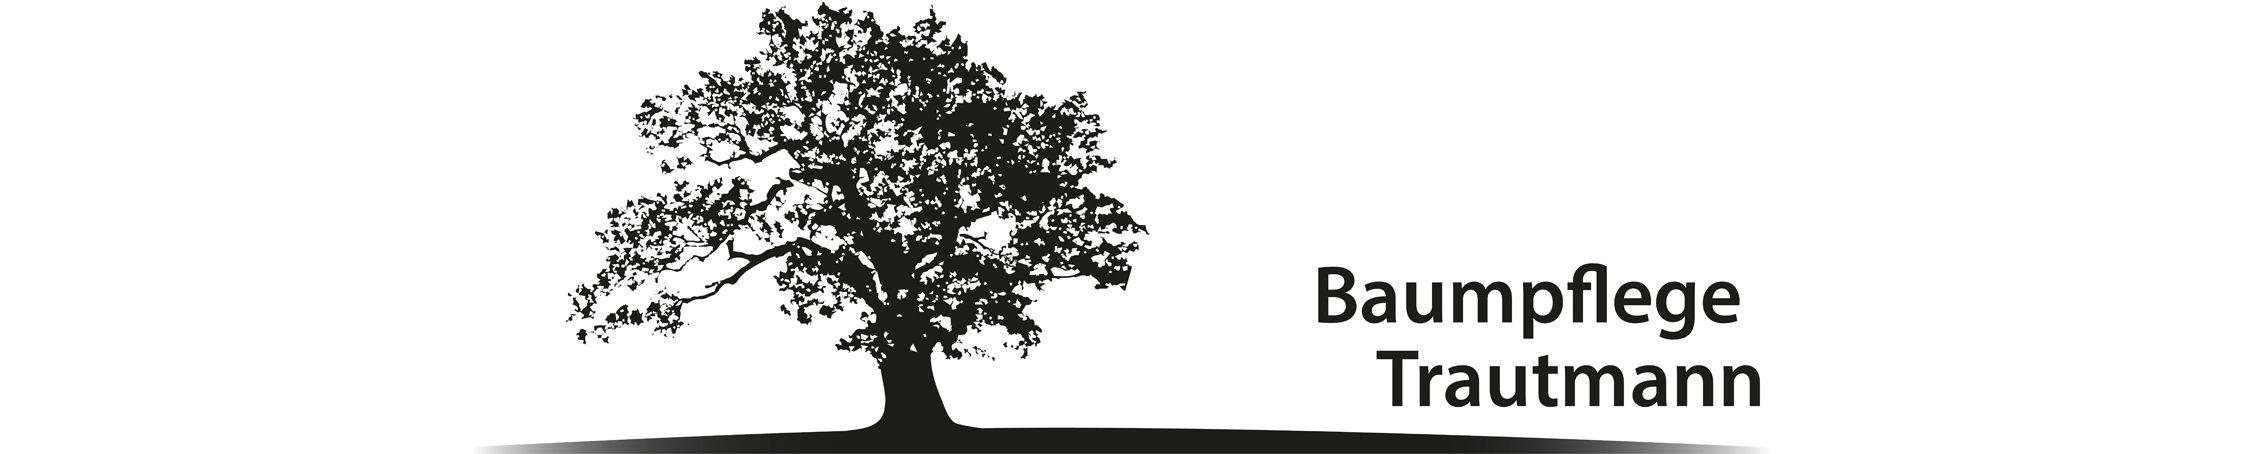 Baumpflege Trautmann – Baumgutachten Baumgesundheit Baumfällung in Nürnberg